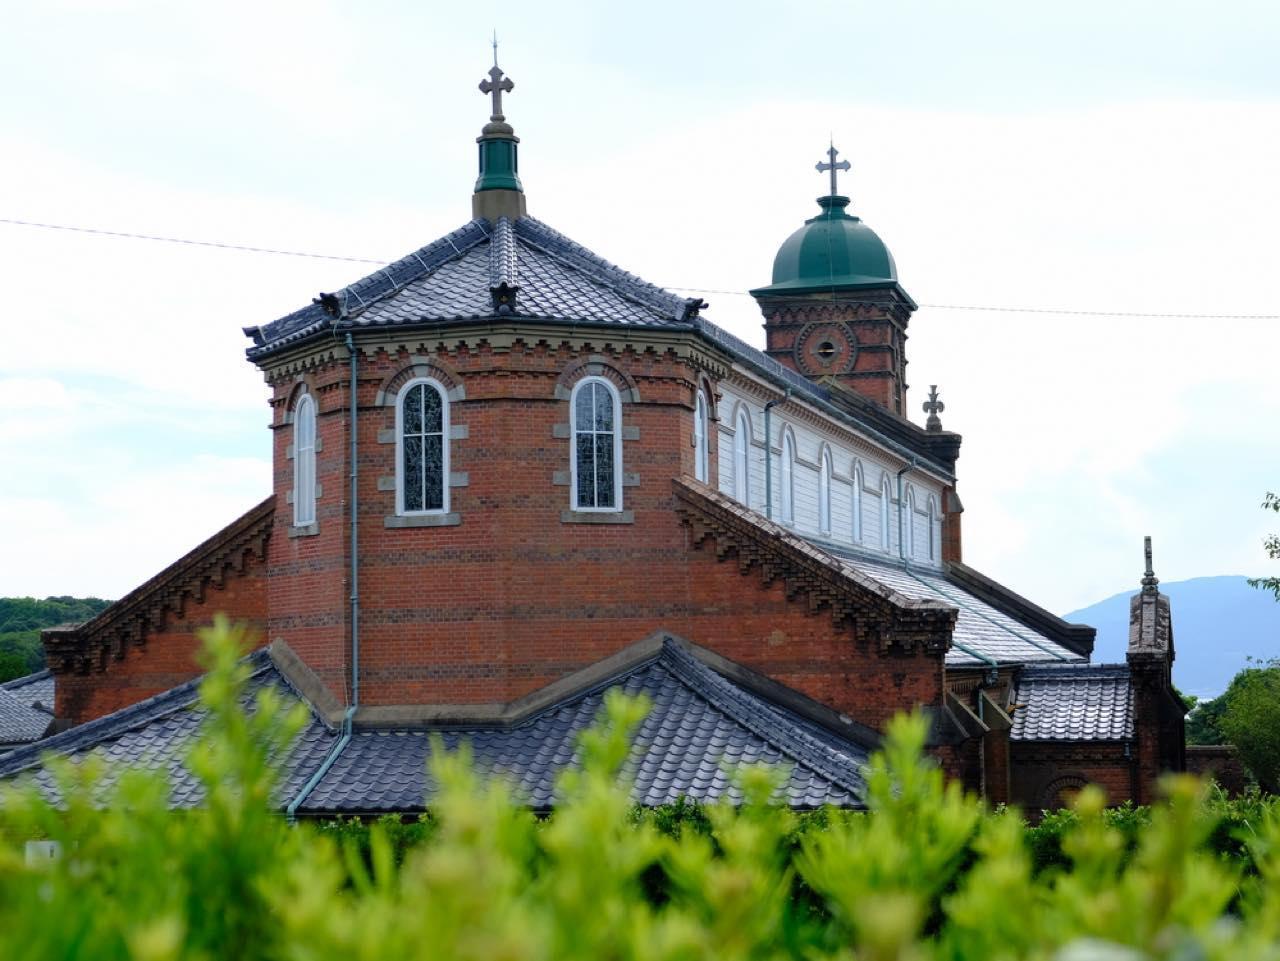 画像: 裏側から見た雰囲気も、これがまた全然違っていて、八角形のドーム、そして黒光りする瓦屋根と印象的。様々な教会に携わってきた鉄川が自らの建築の技を全て結集させ完成させたと言っても過言ではない、素晴らしい教会です。